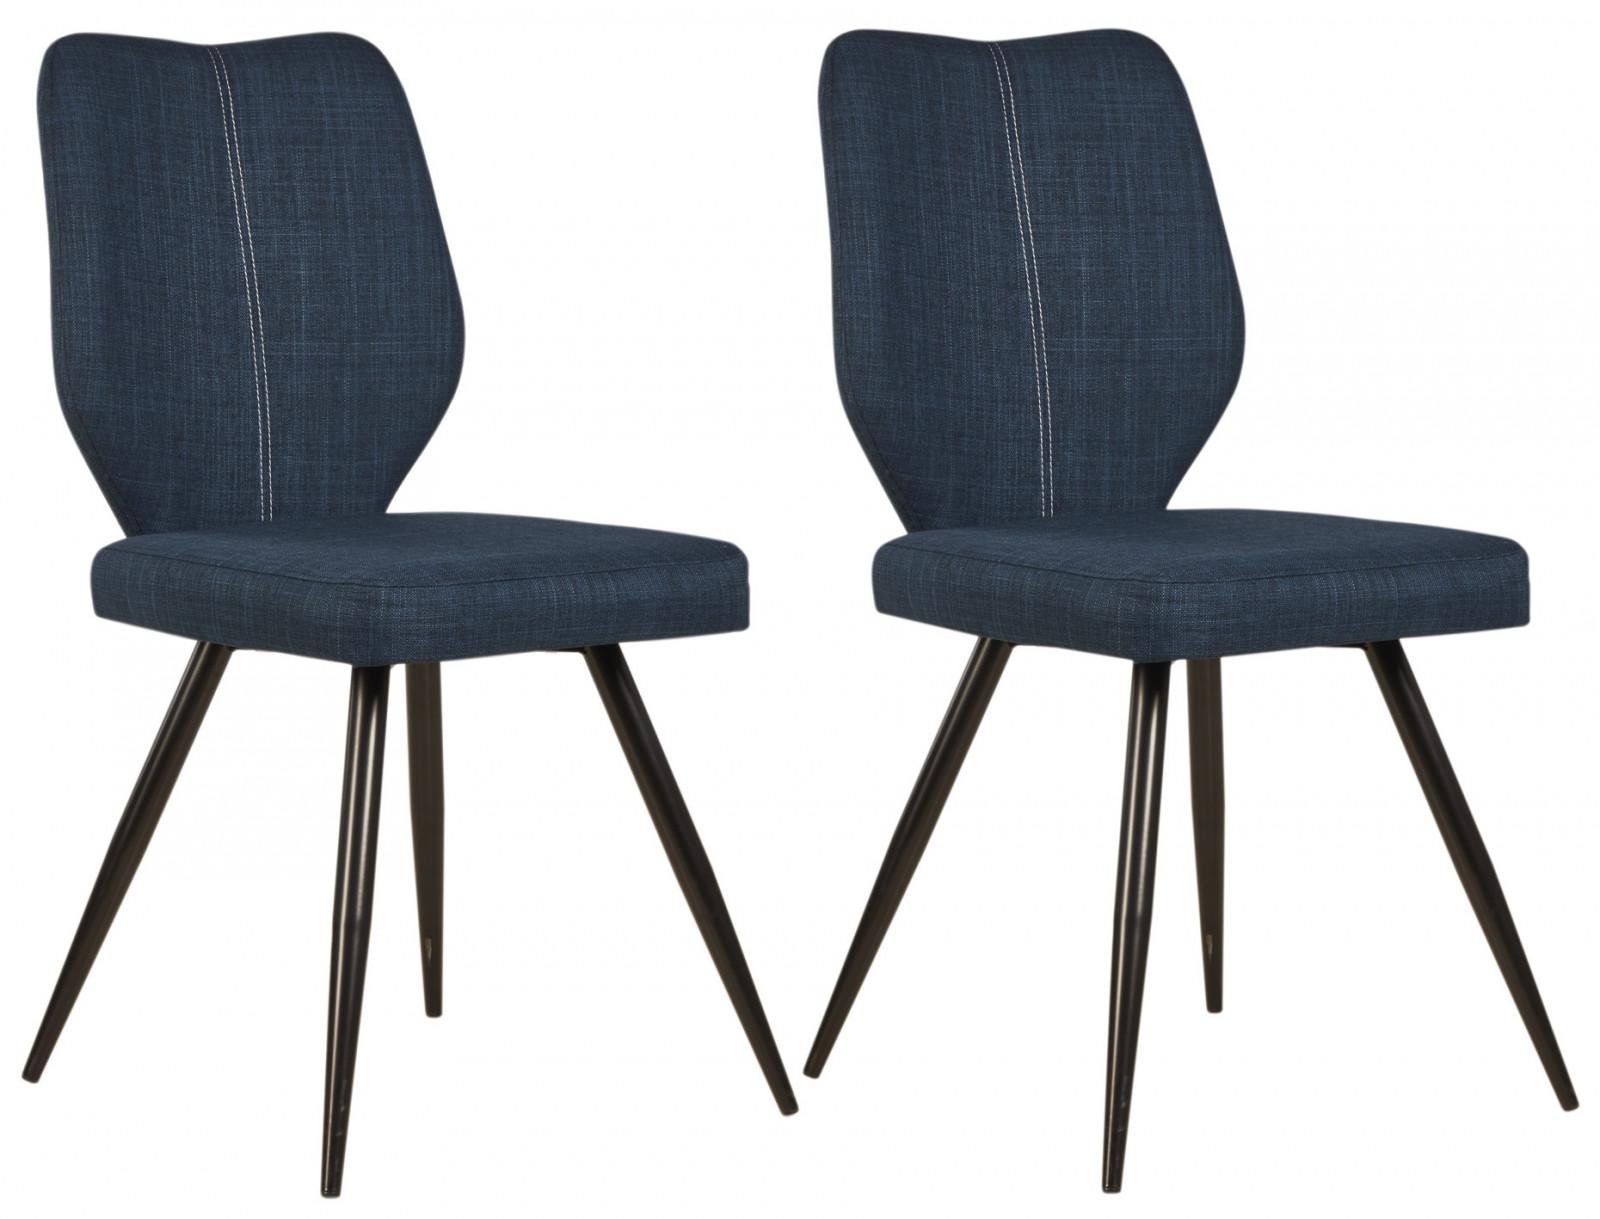 Chaise Bois Et Metal Industriel lot de 2 chaises de style industriel mike